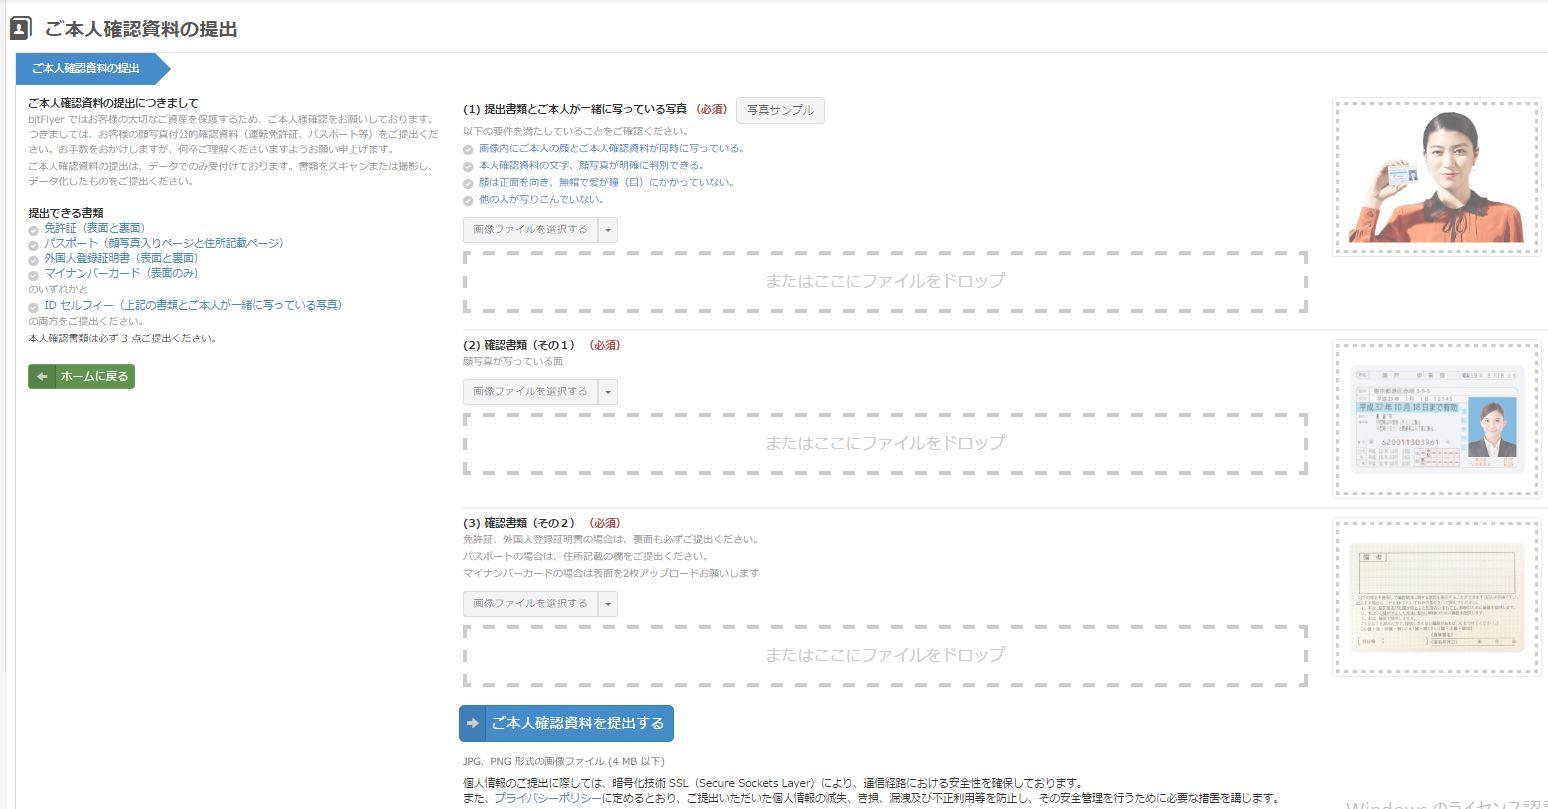 bitflyer_本人確認資料の提出画面